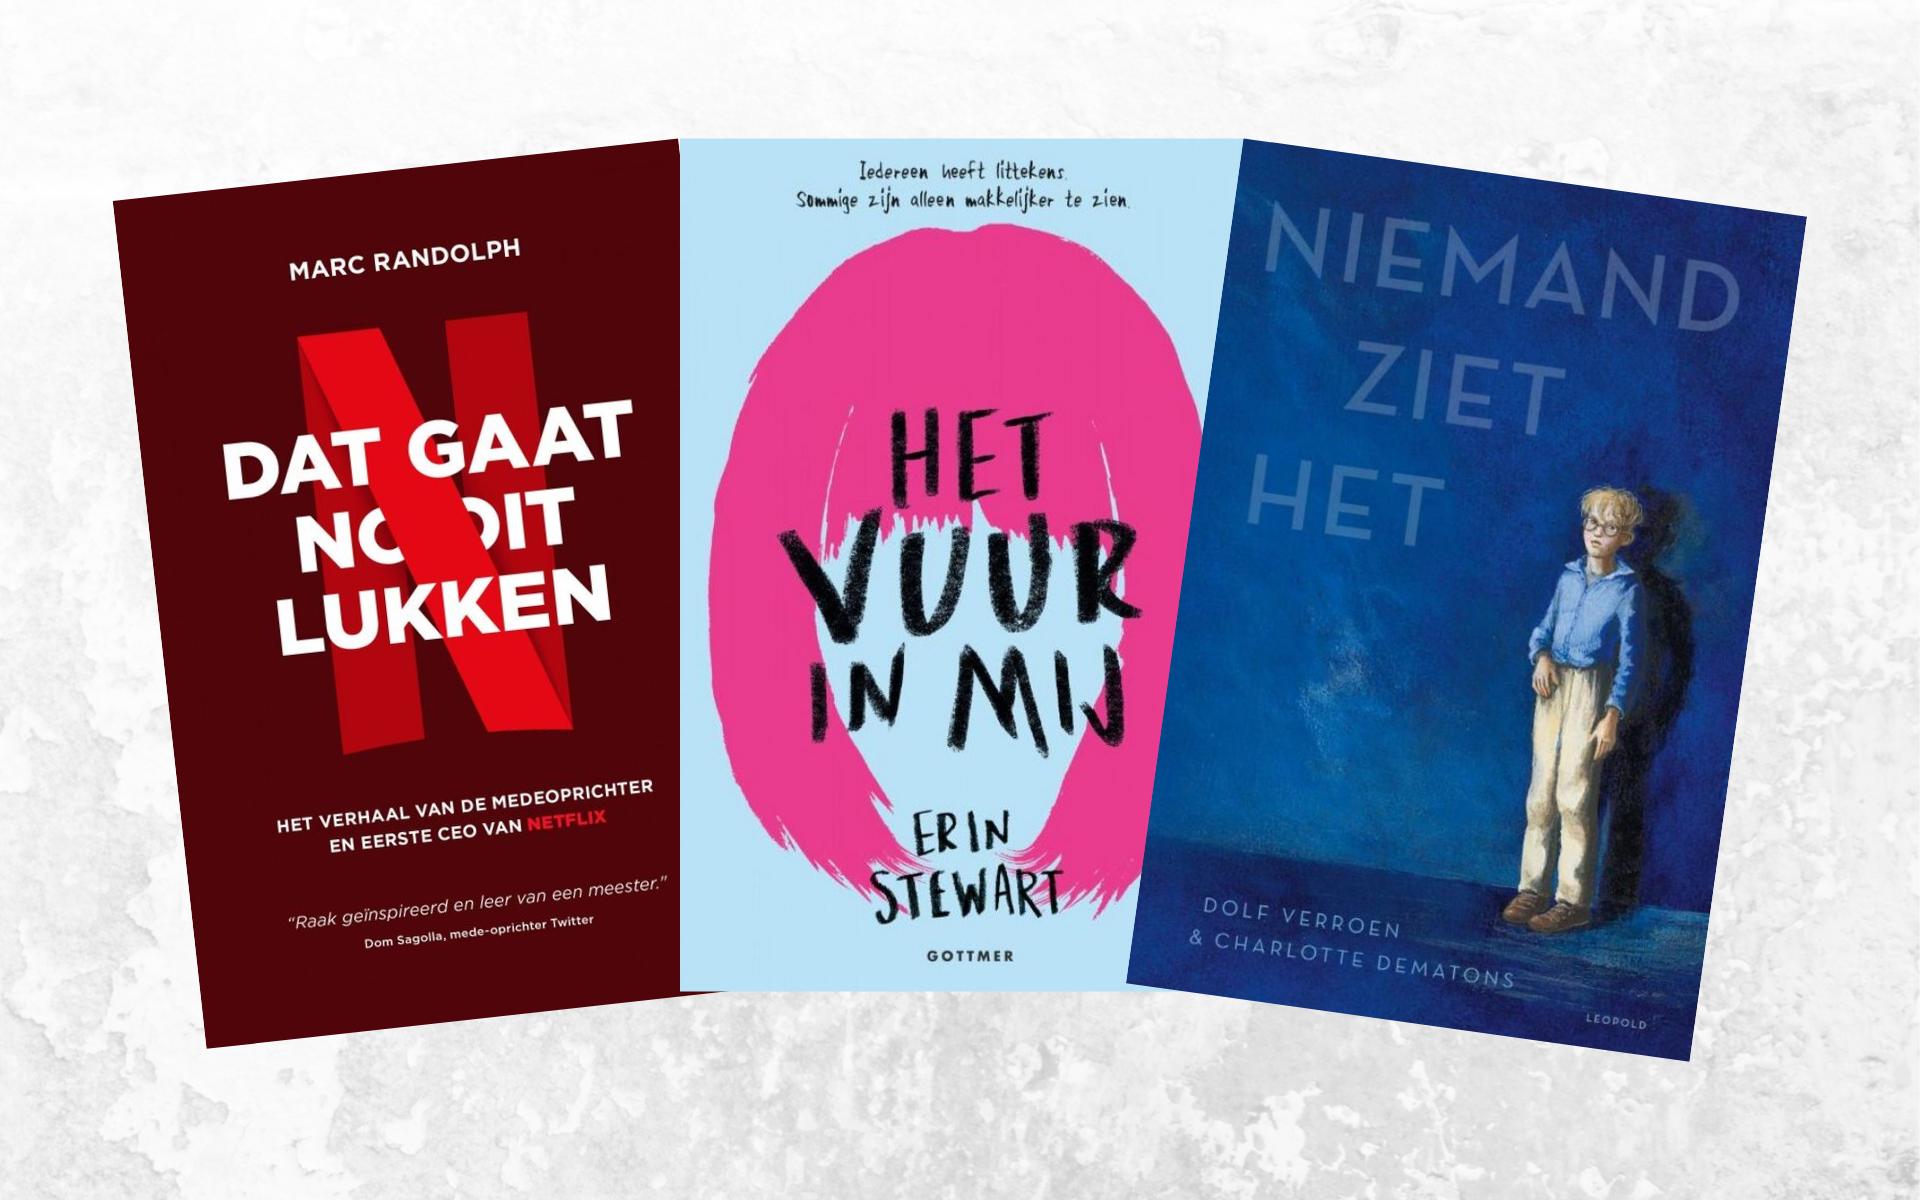 nieuwe boeken oktober 2019 dolf Verroen Netflix het vuur in mij